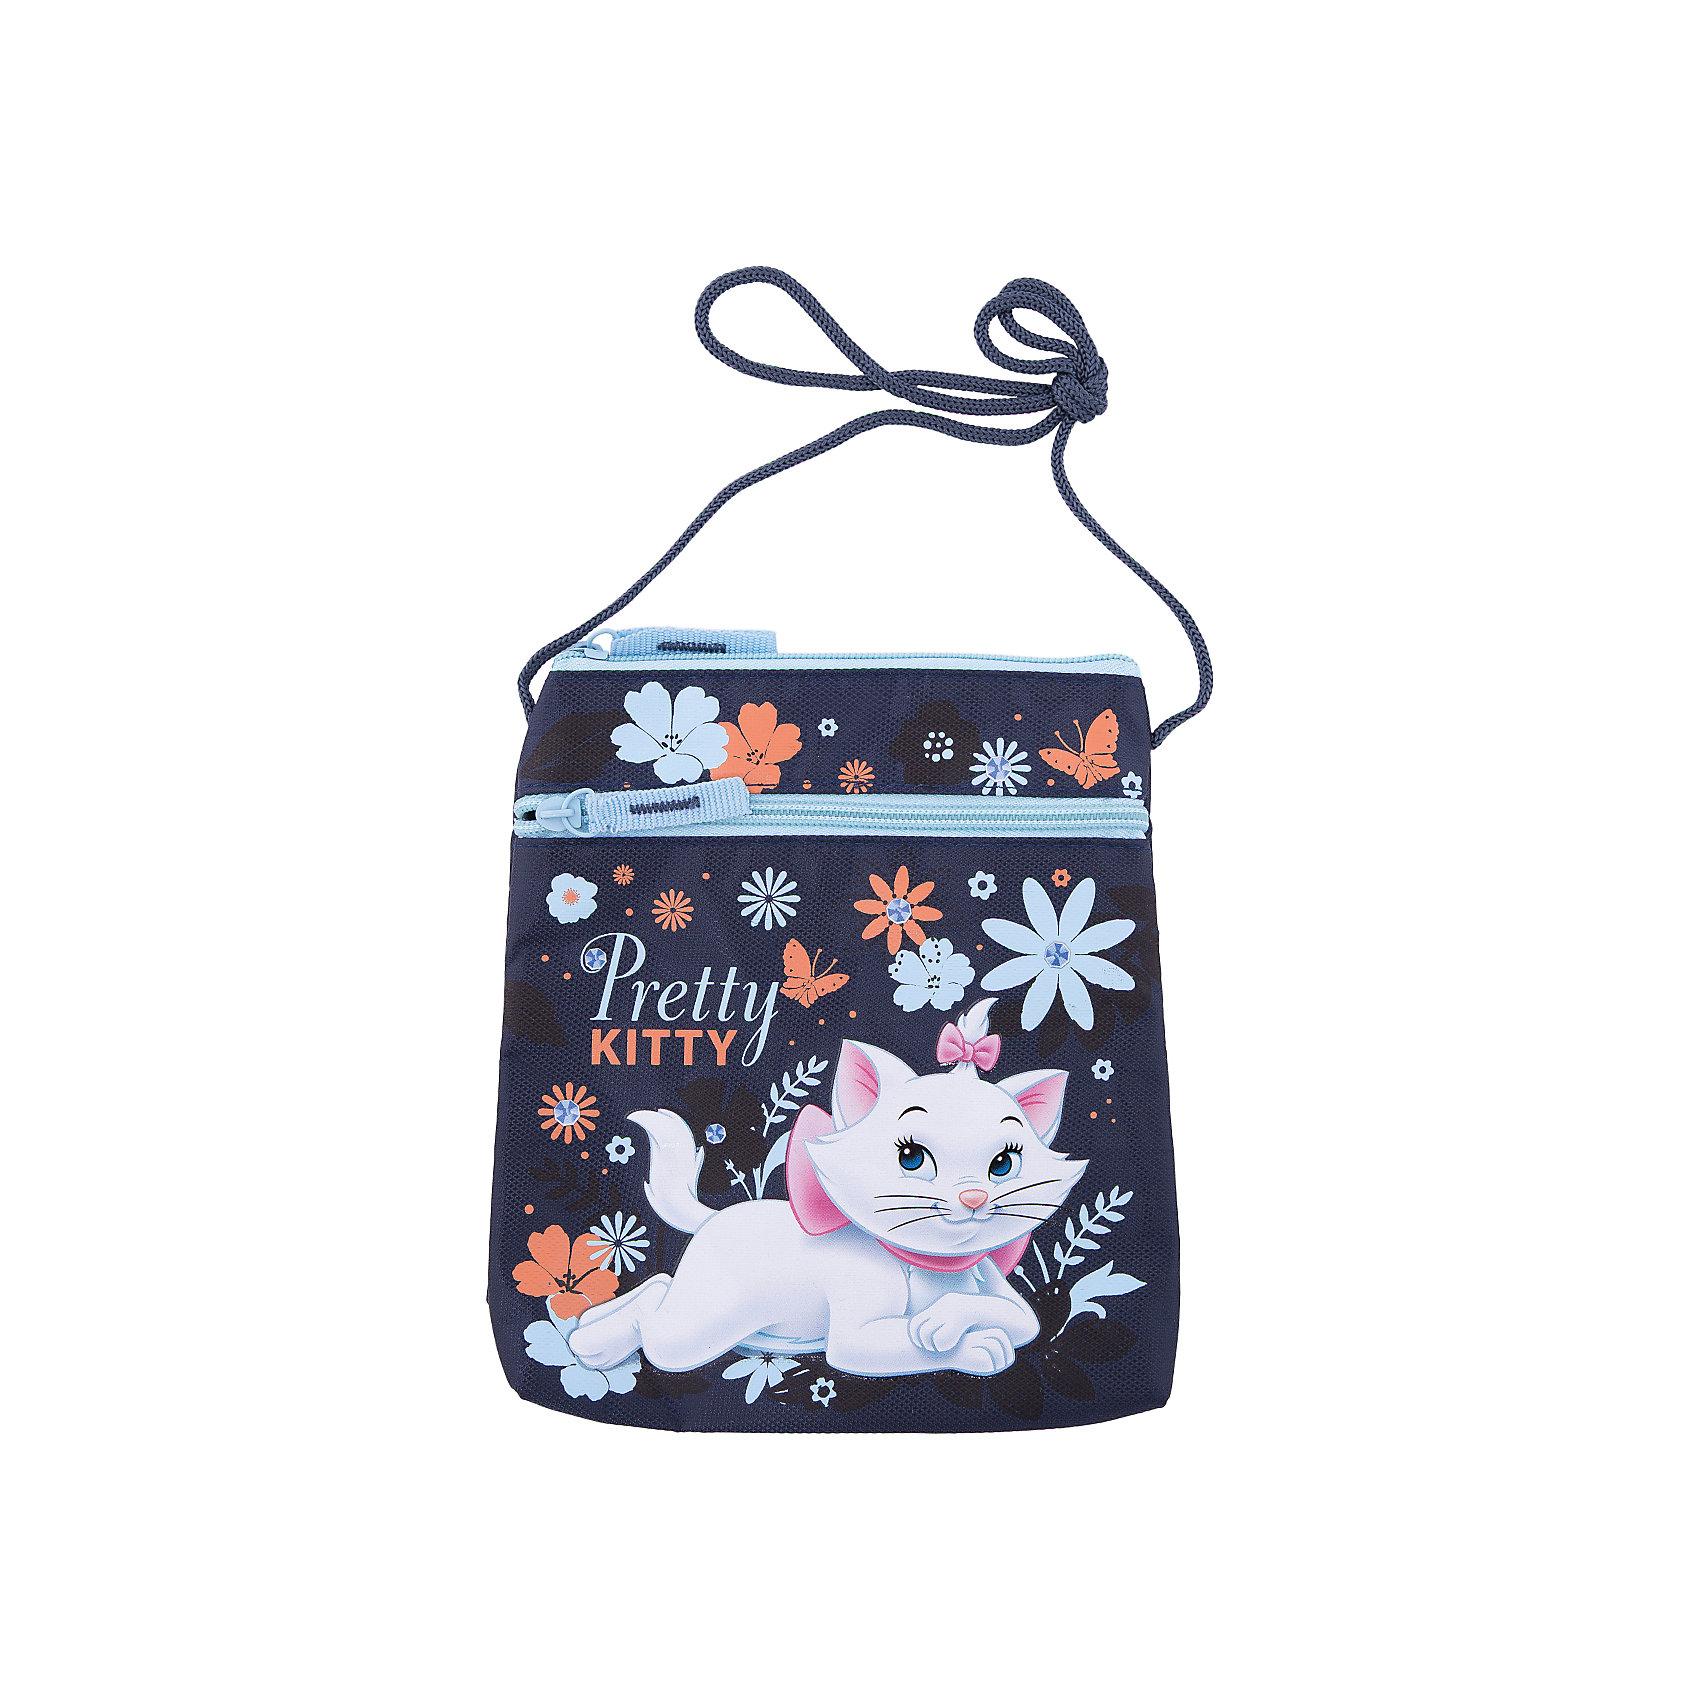 Академия групп Сумка-планшет Кошка Мари, Коты-Аристократы купить бурманская кошка в омске